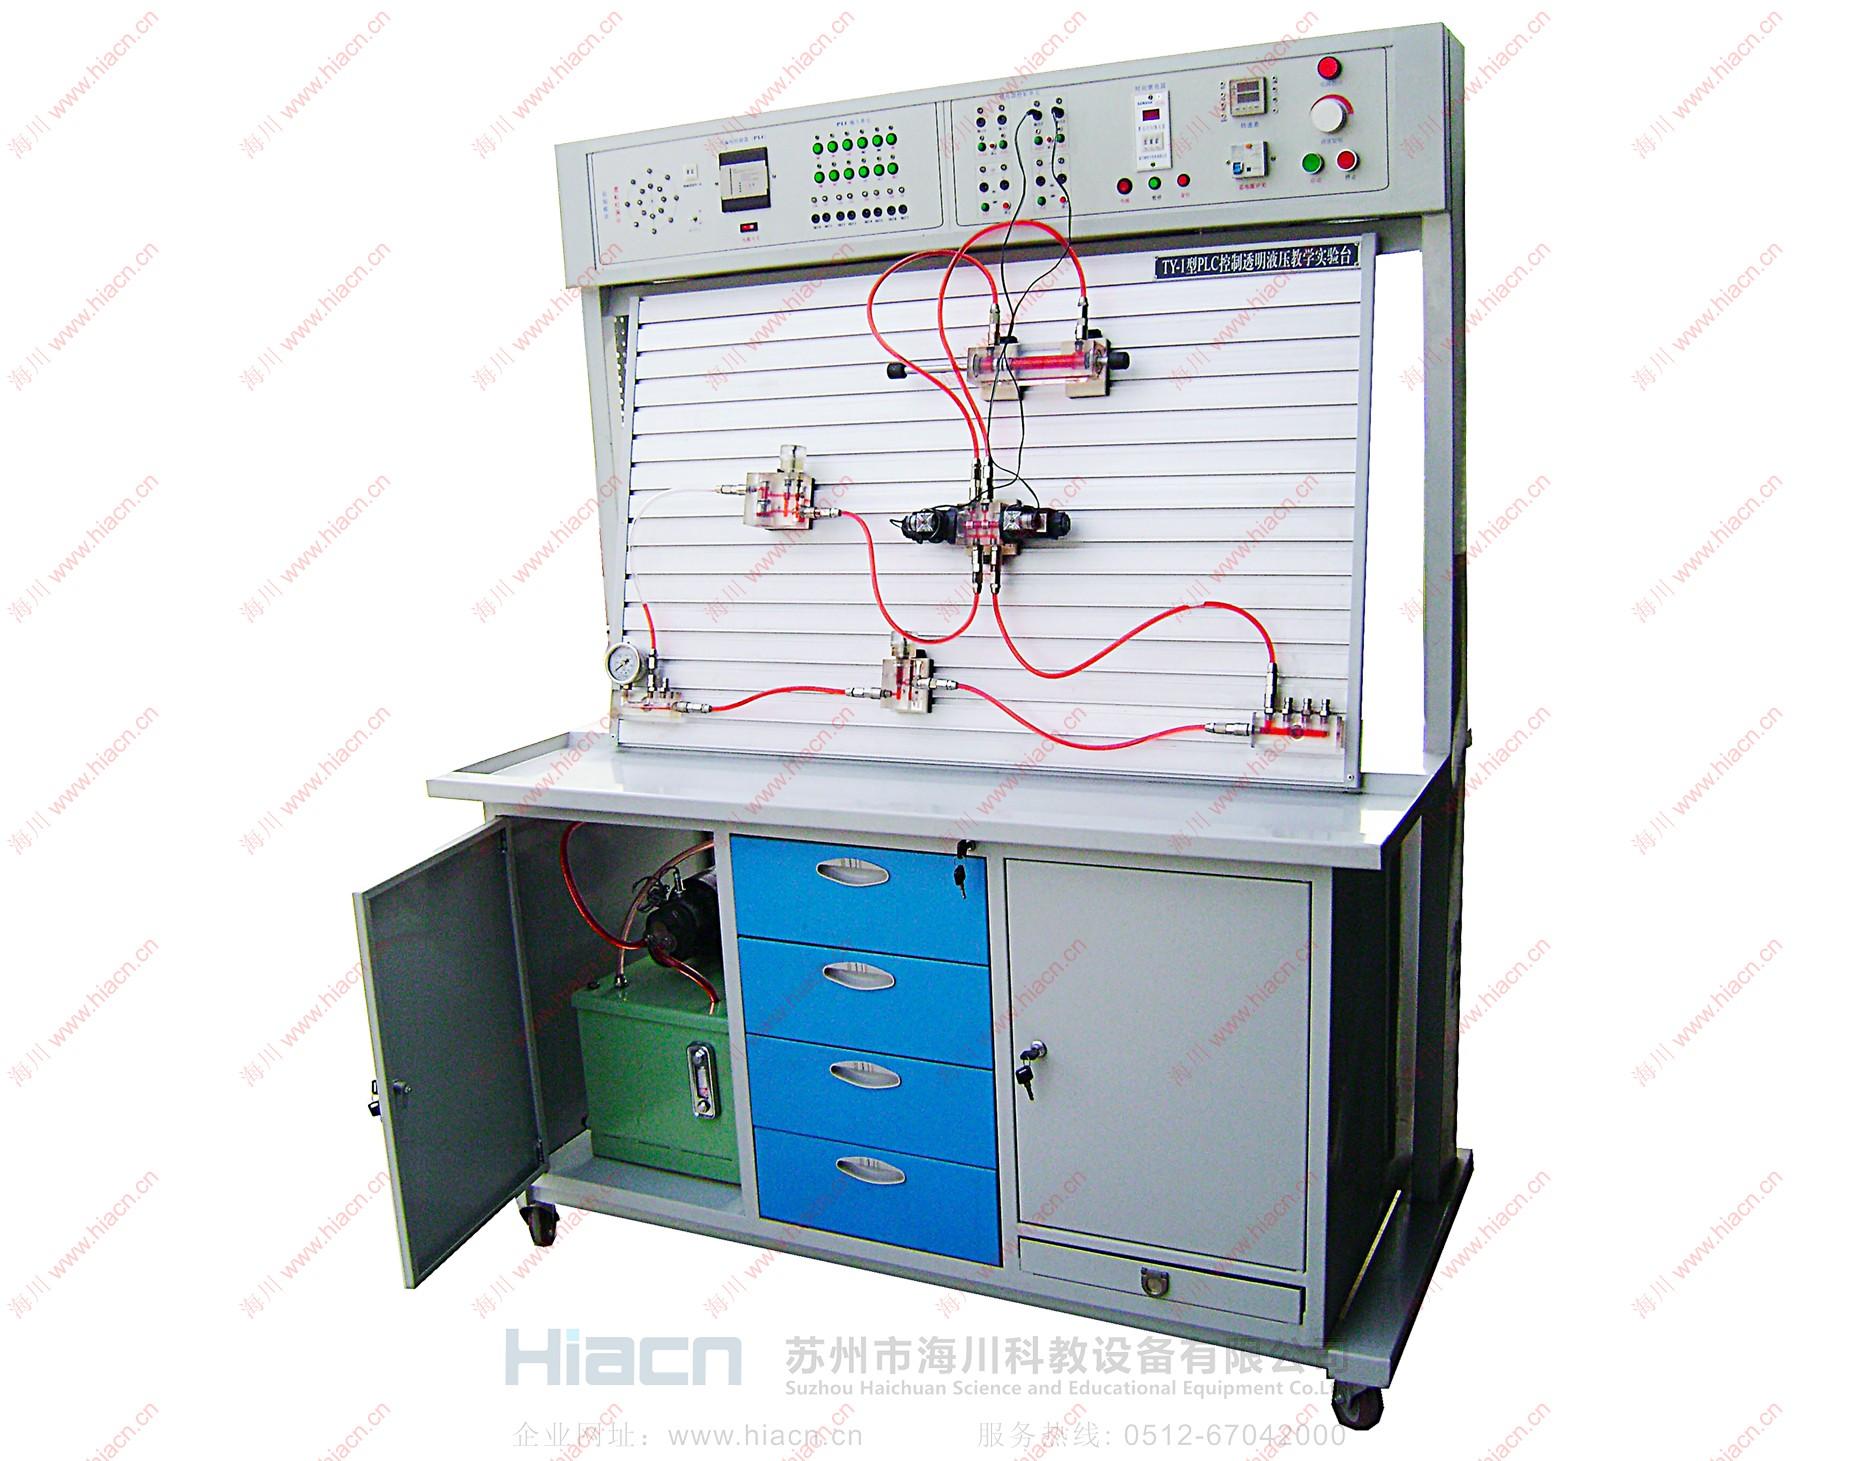 透明液压实验台产品图片